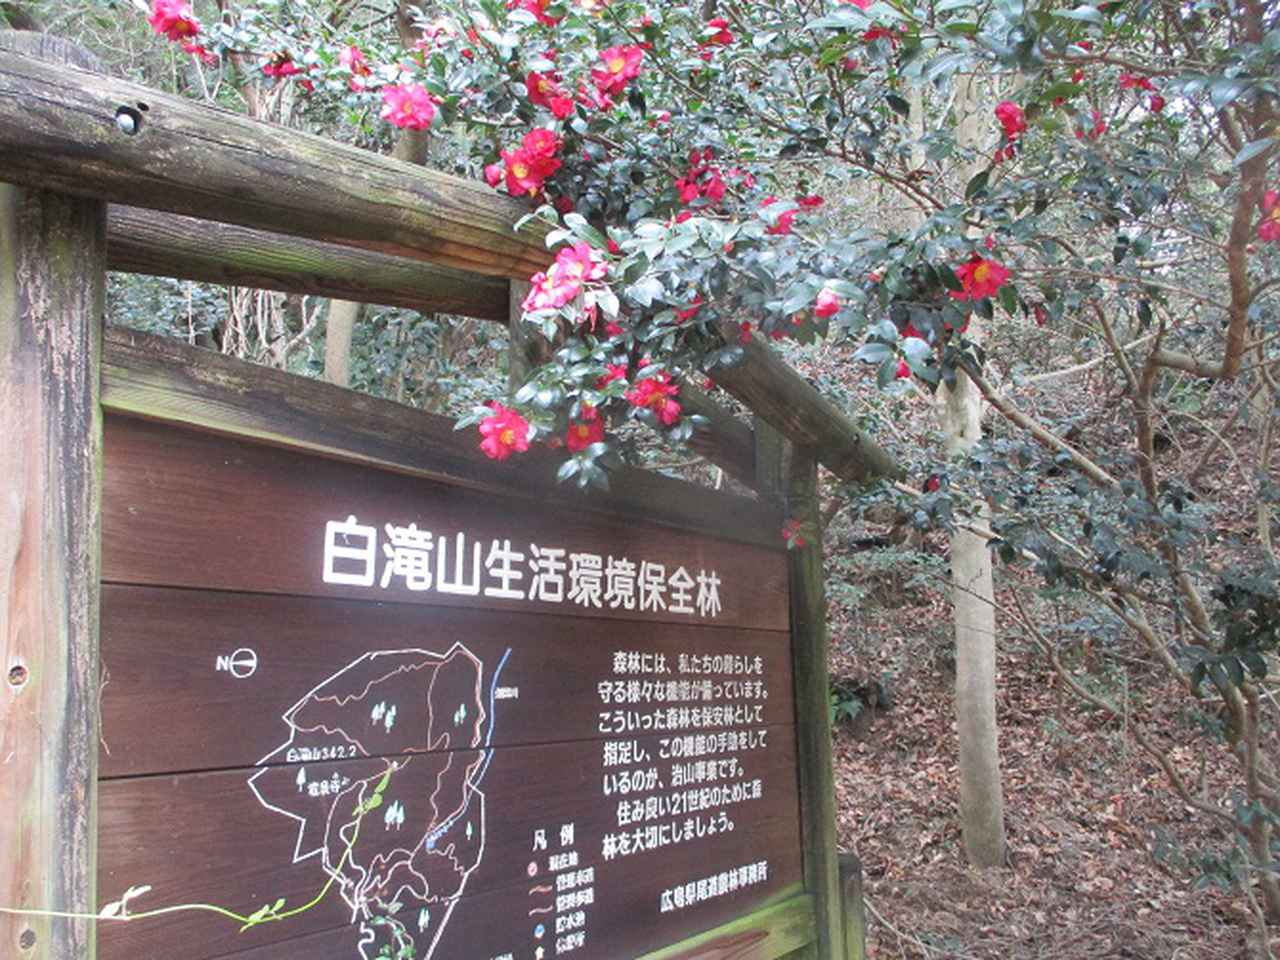 画像7: 来年冬の企画素材を探して、我が故郷・広島県の山を歩いてみました